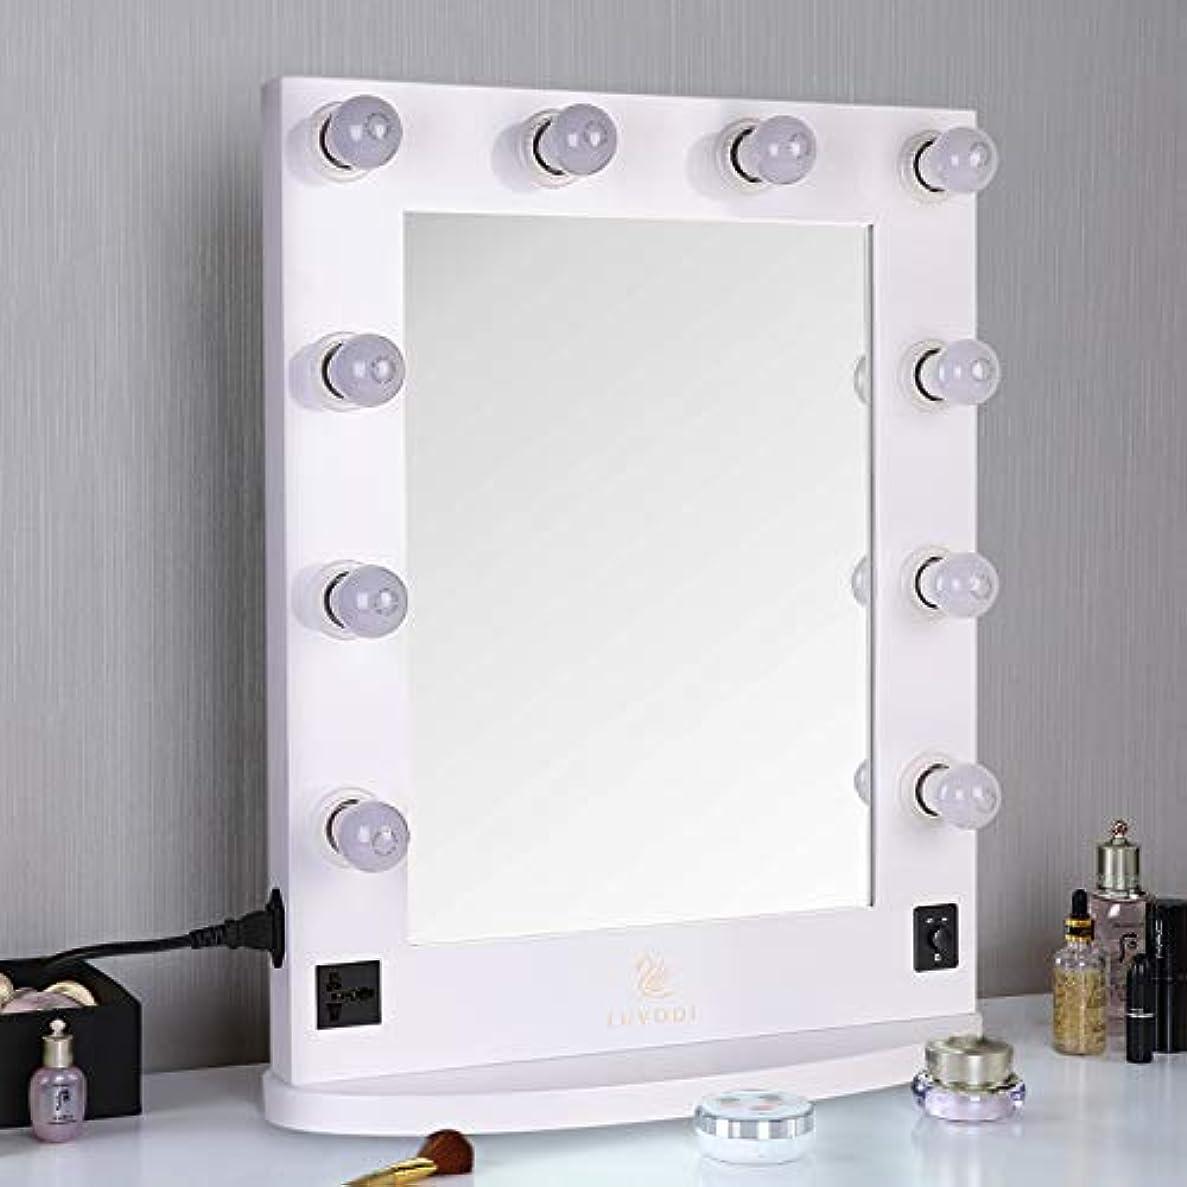 不誠実探すヒューズLUVODI ハリウッドミラー 化粧鏡 化粧ミラー 女優ミラー led ライト付き 卓上鏡 スタンド 卓上/壁掛け 鏡 2Way 大型 木製 明るさ調節可能(白)